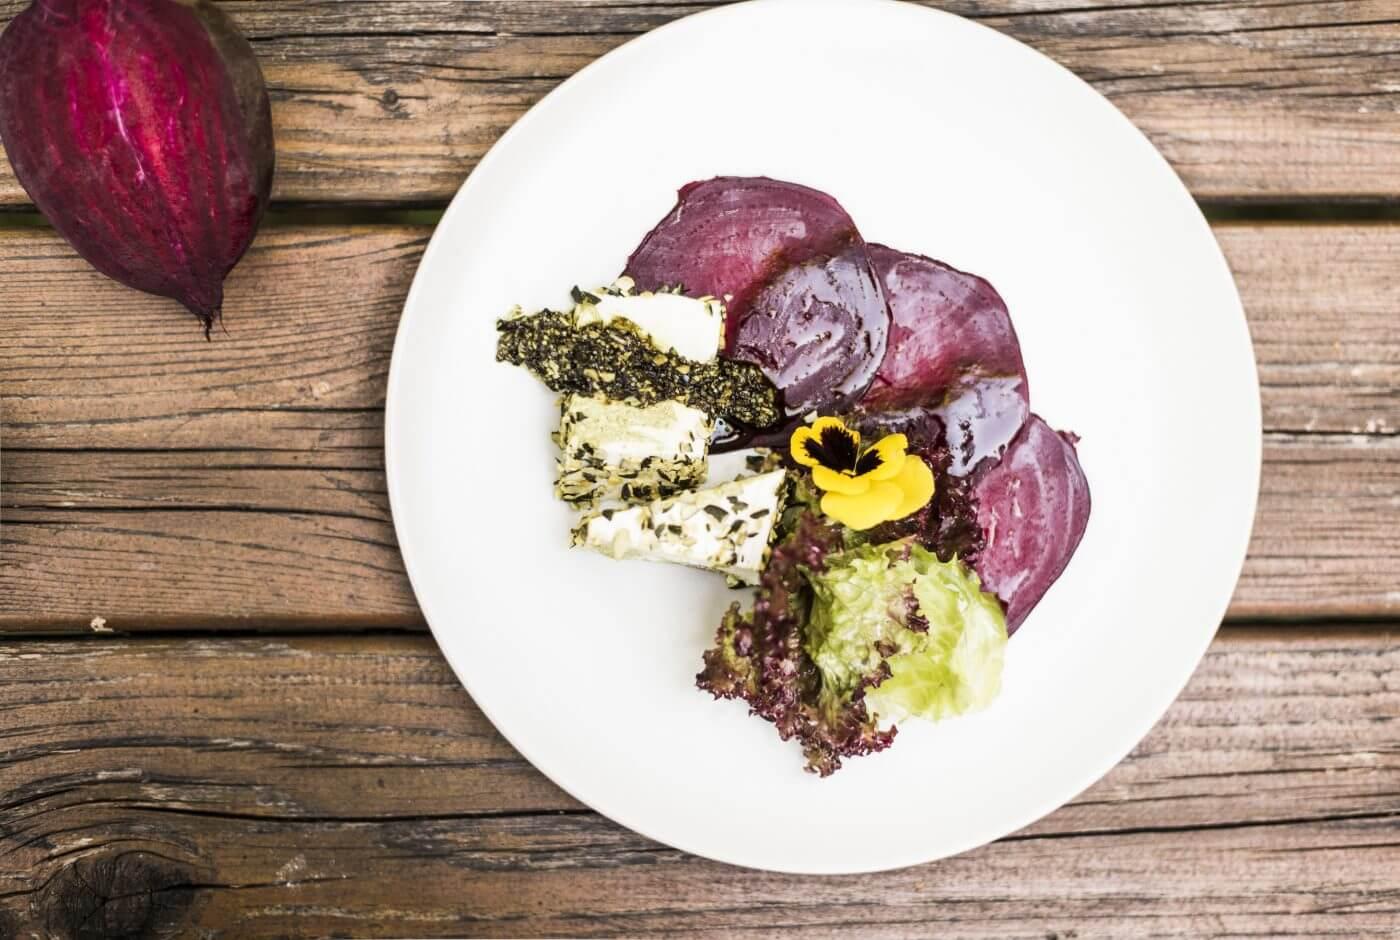 vegetarische Vorspeise, kulinarik, region